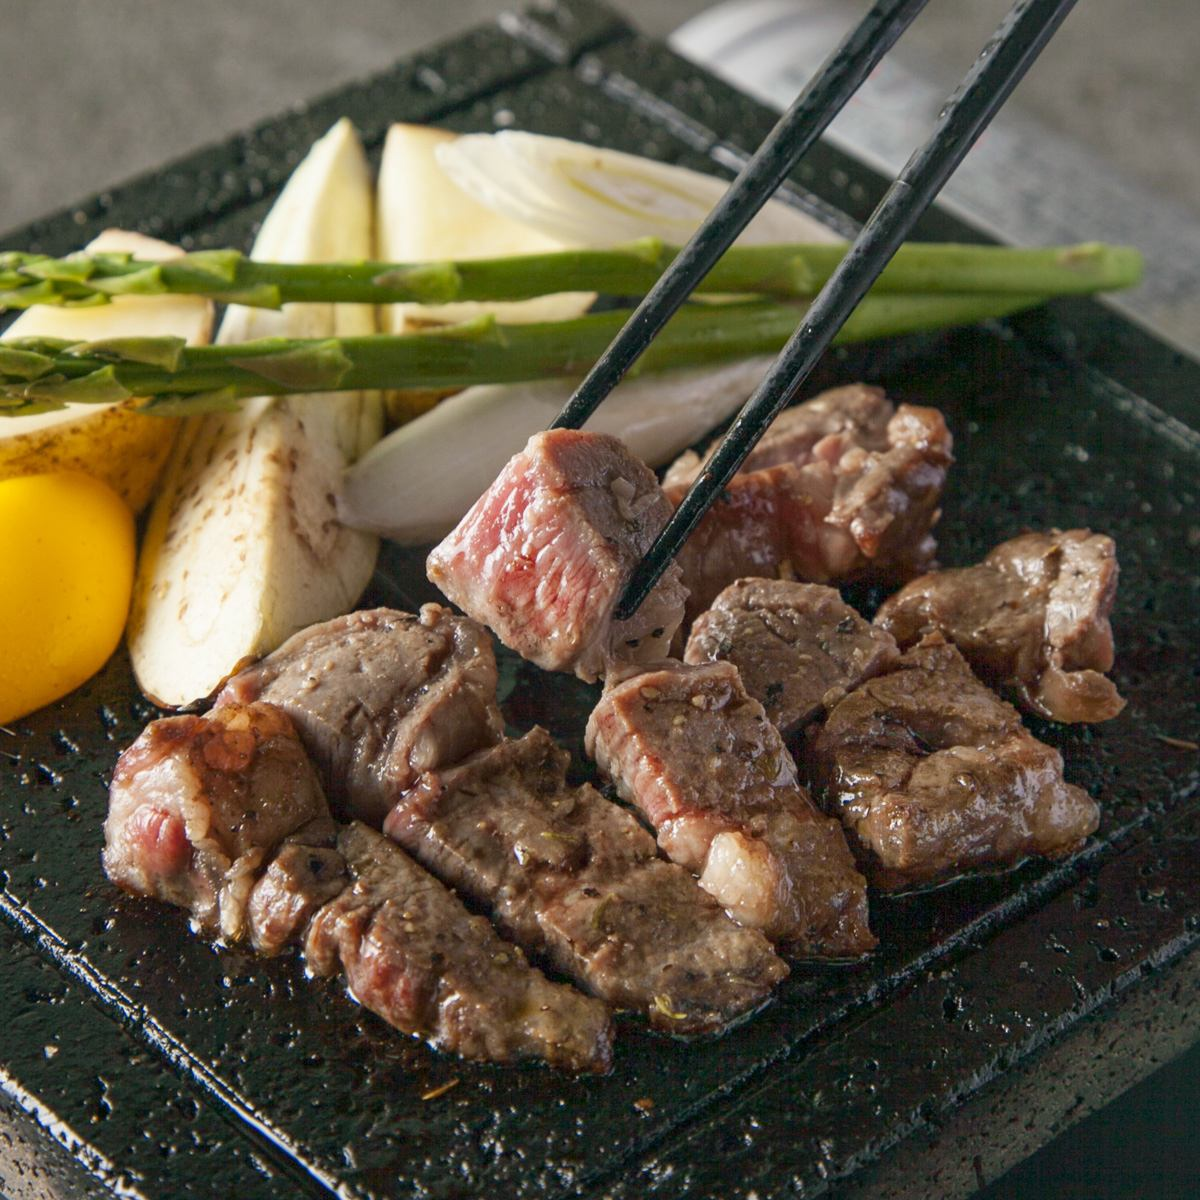 ◆NEW◆贅沢肉料理を満喫できる特別コースを破格でご用意♪